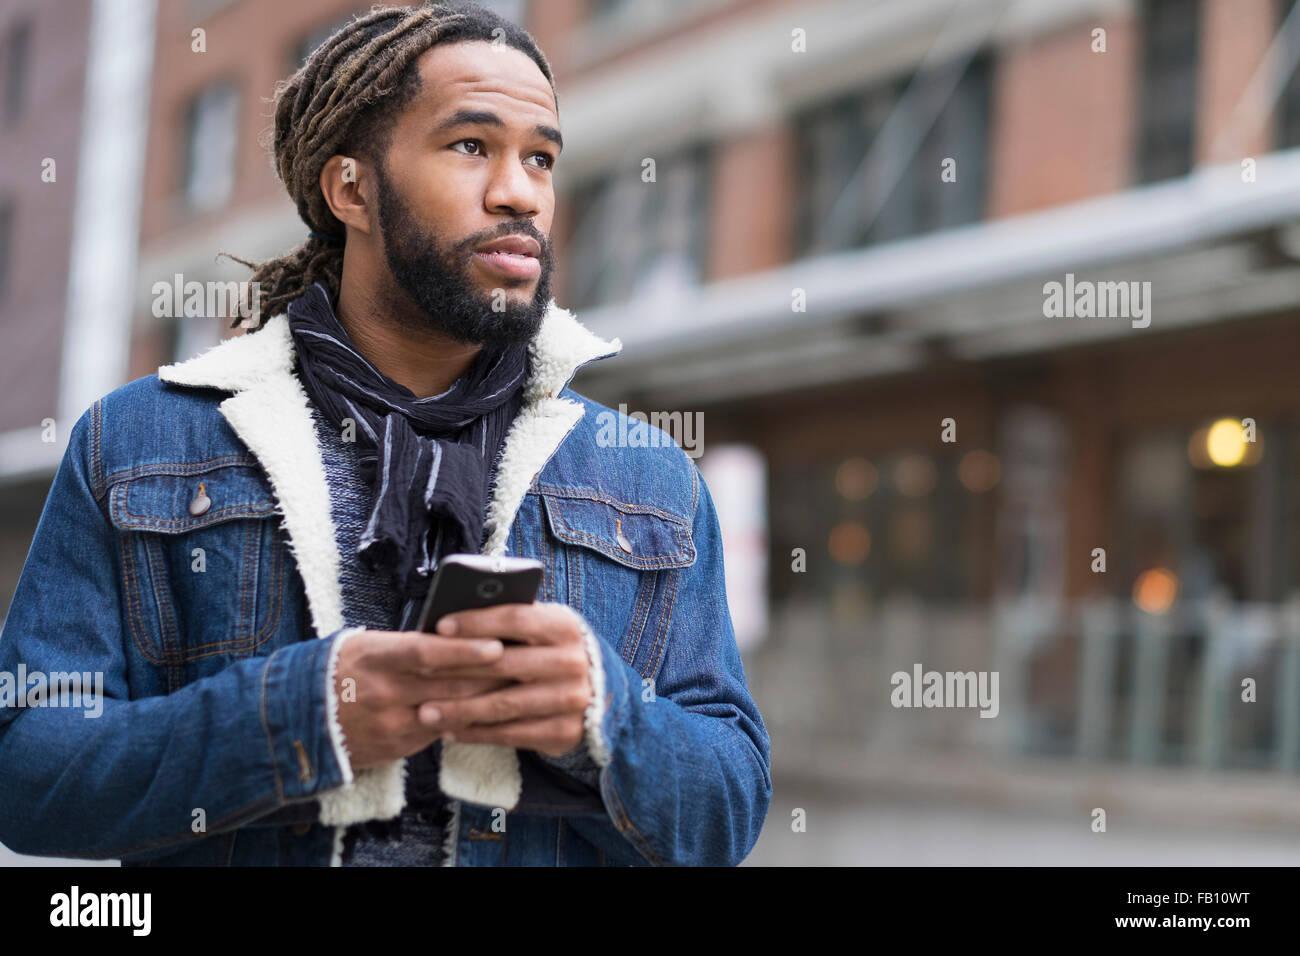 Ernster Mann mit Dreadlocks mit Smartphone in Straße Stockbild